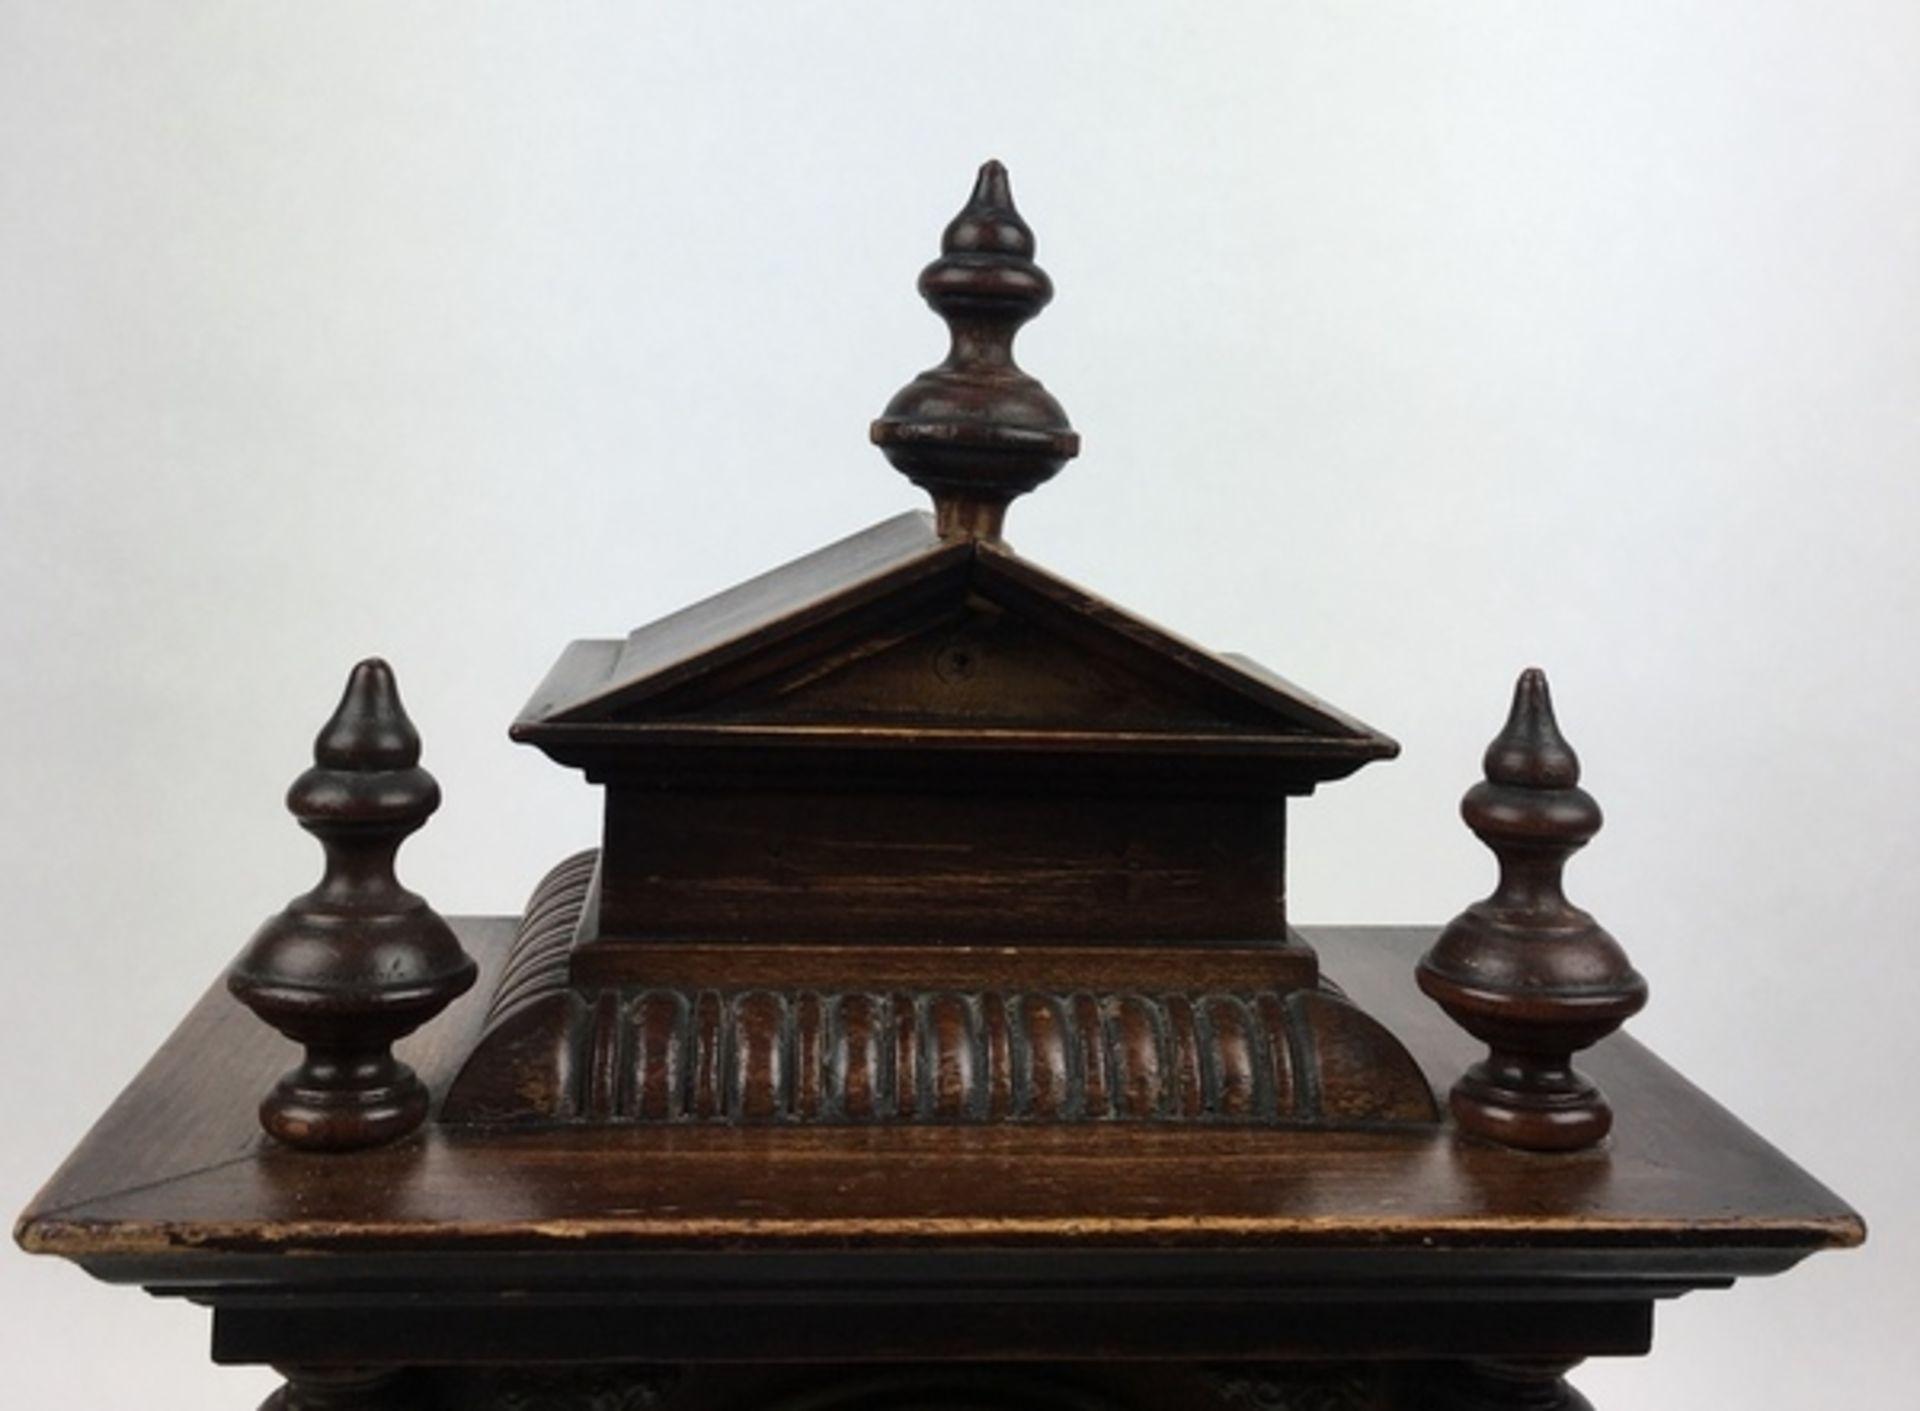 (Antiek) Tafelklok, JunghansHouten tafelklok met Junghans uurwerk en wekker. Emaille wijzerplaa - Image 6 of 7